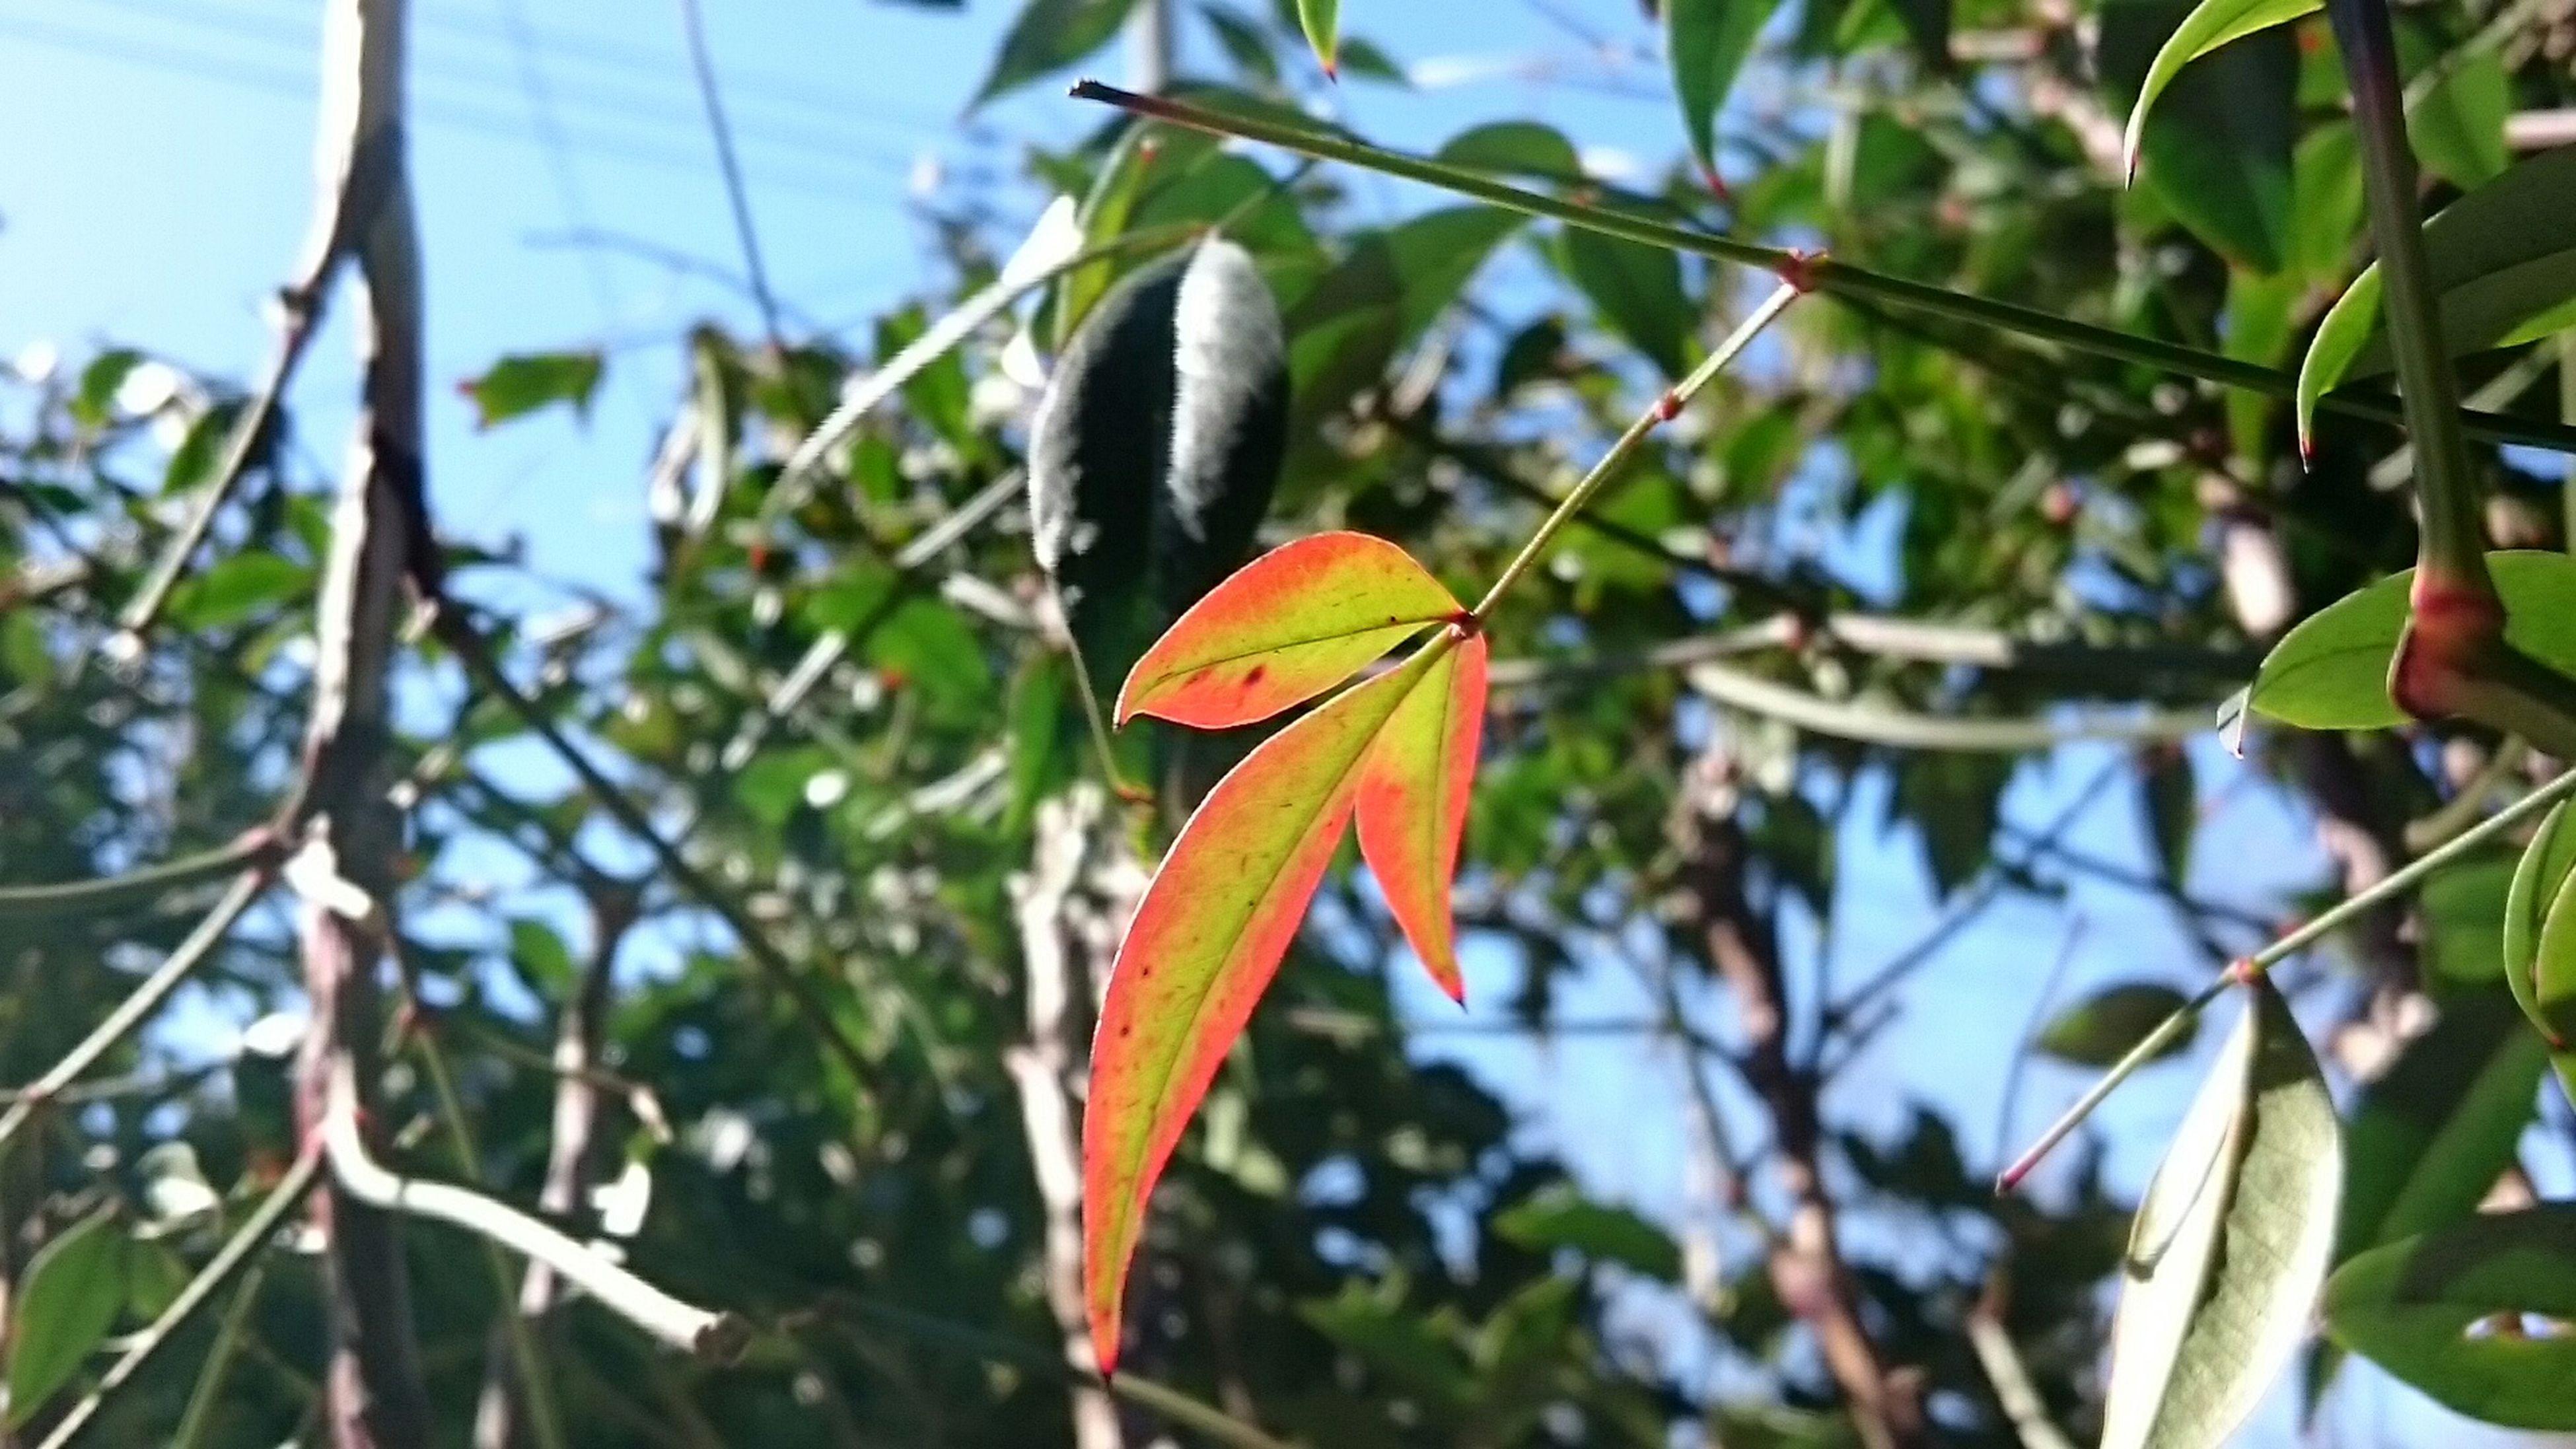 色付いた葉 枝 葉っぱ